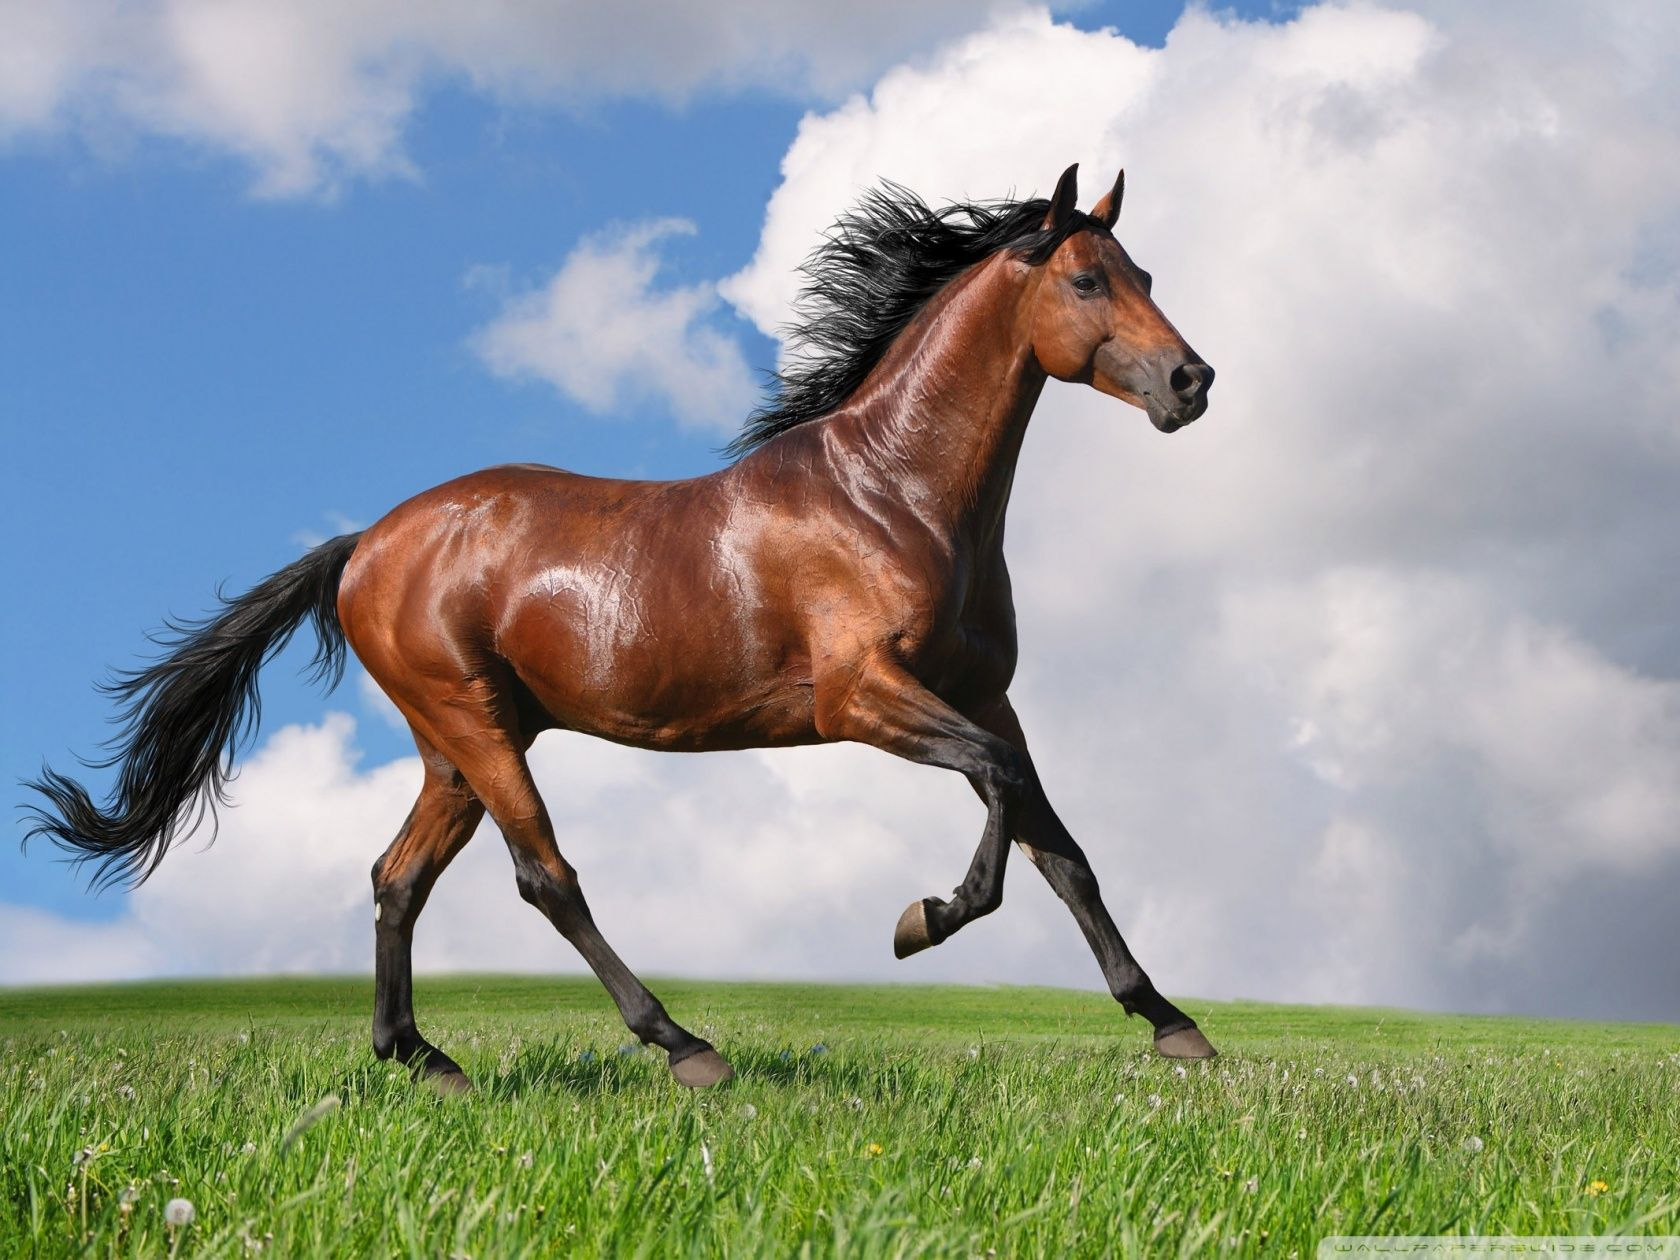 Running Horse Hd Desktop Wallpaper High Definition Fullscreen